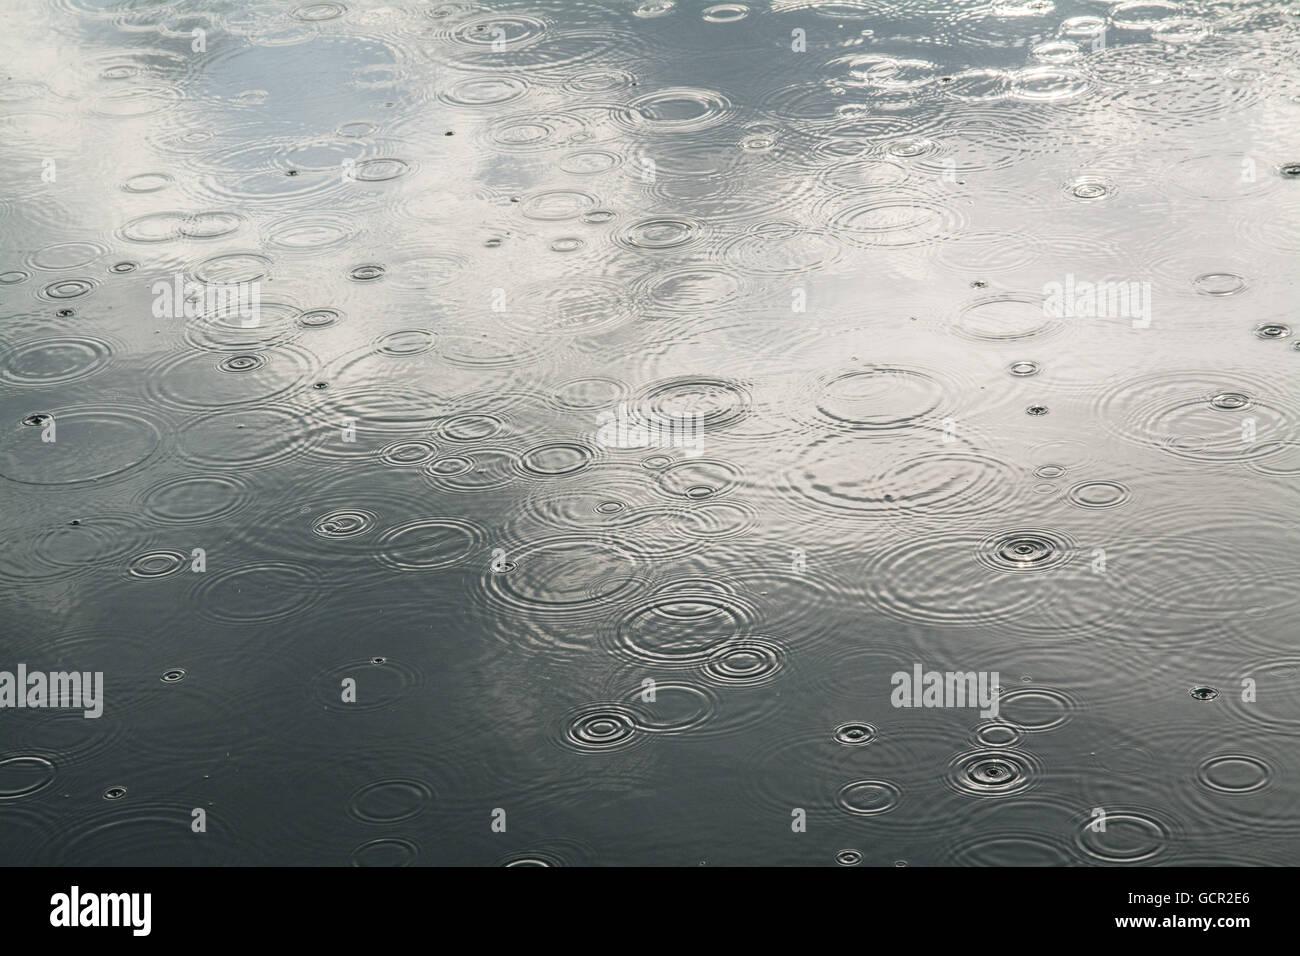 Des gouttelettes de pluie frappant une mer lisse Photo Stock